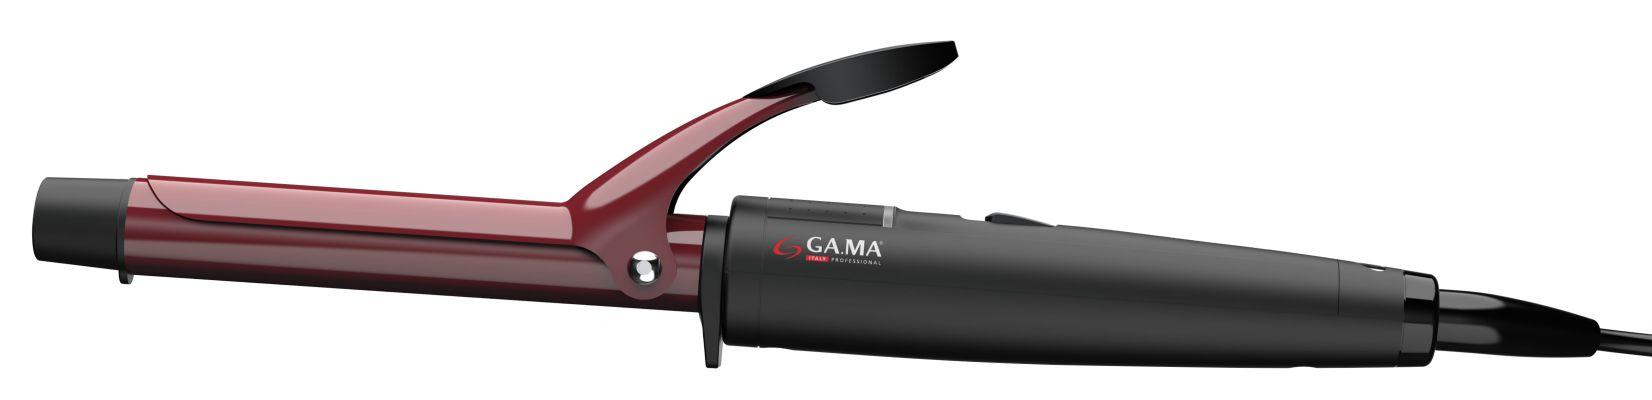 GAMA ARRICCIAP.PROF.GC0201 CERAMICA